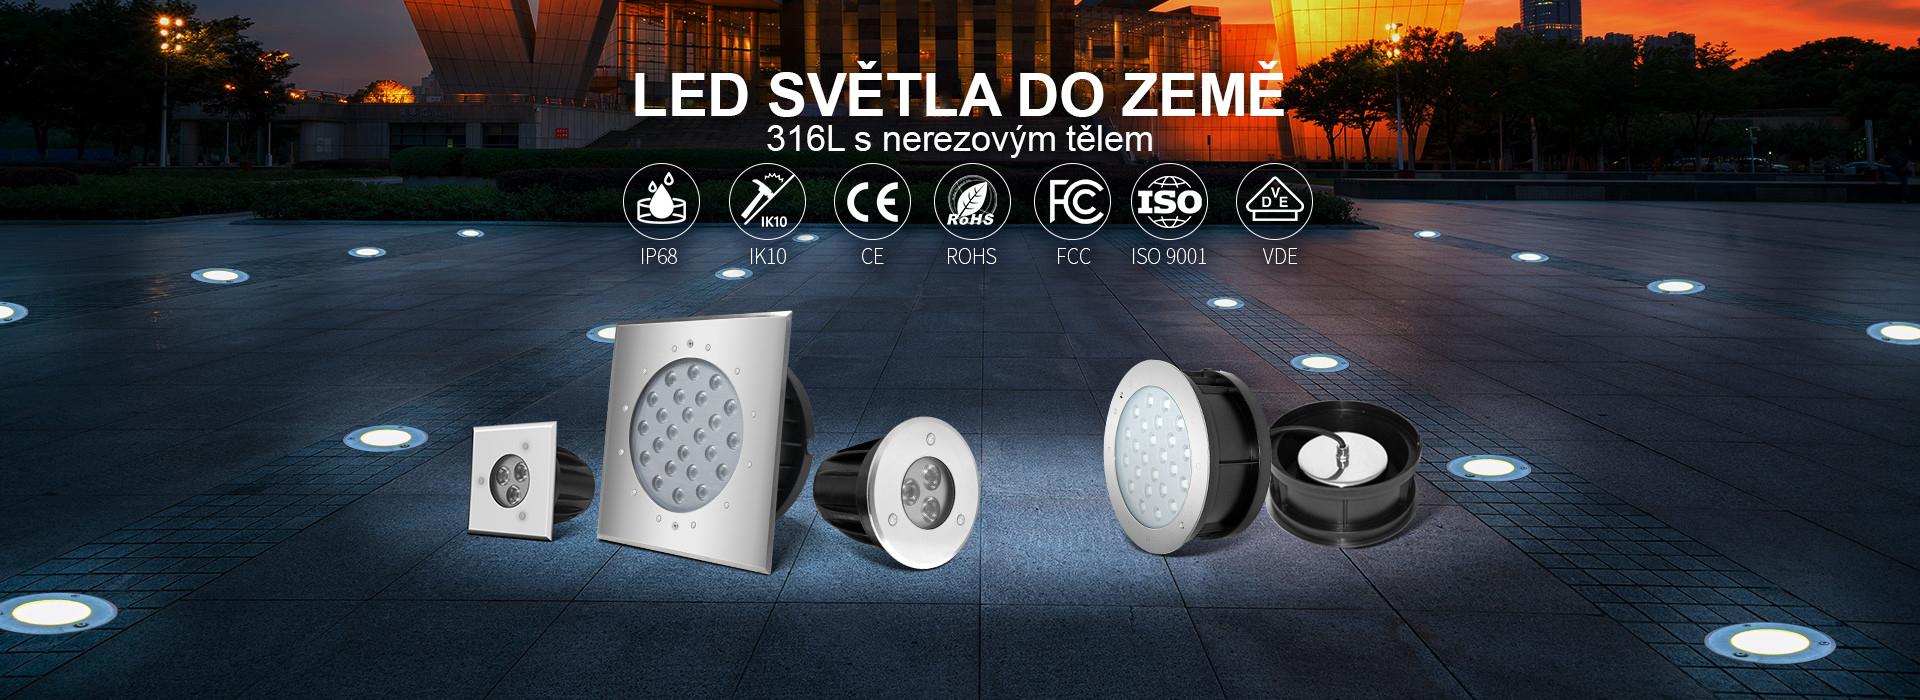 Zahradní a zápustná LED světla do země